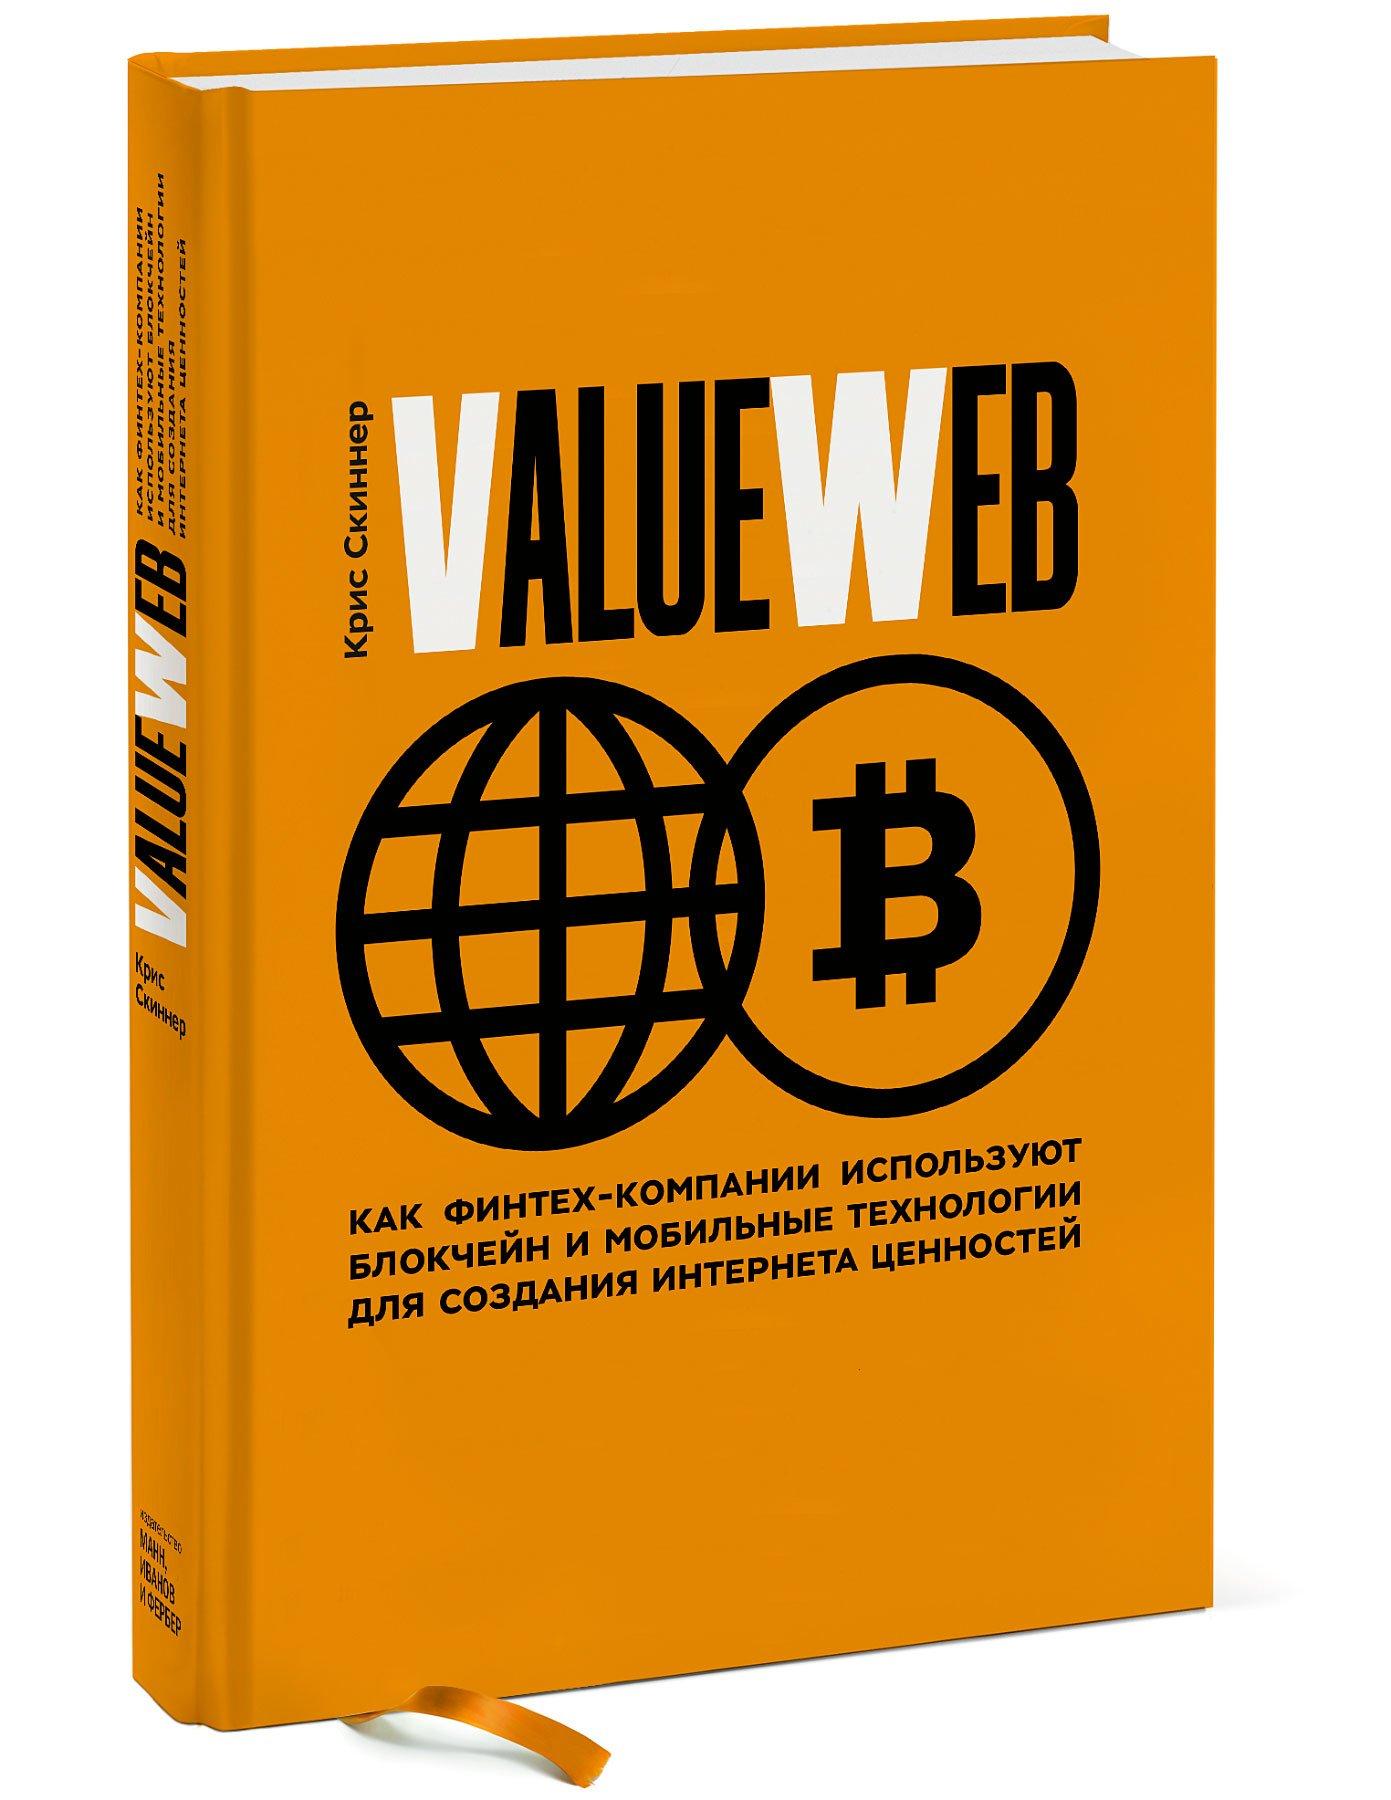 ValueWeb. Как финтех-компании используют блокчейн и мобильные технологии для создания интернета ценн ( Крис Скиннер  )